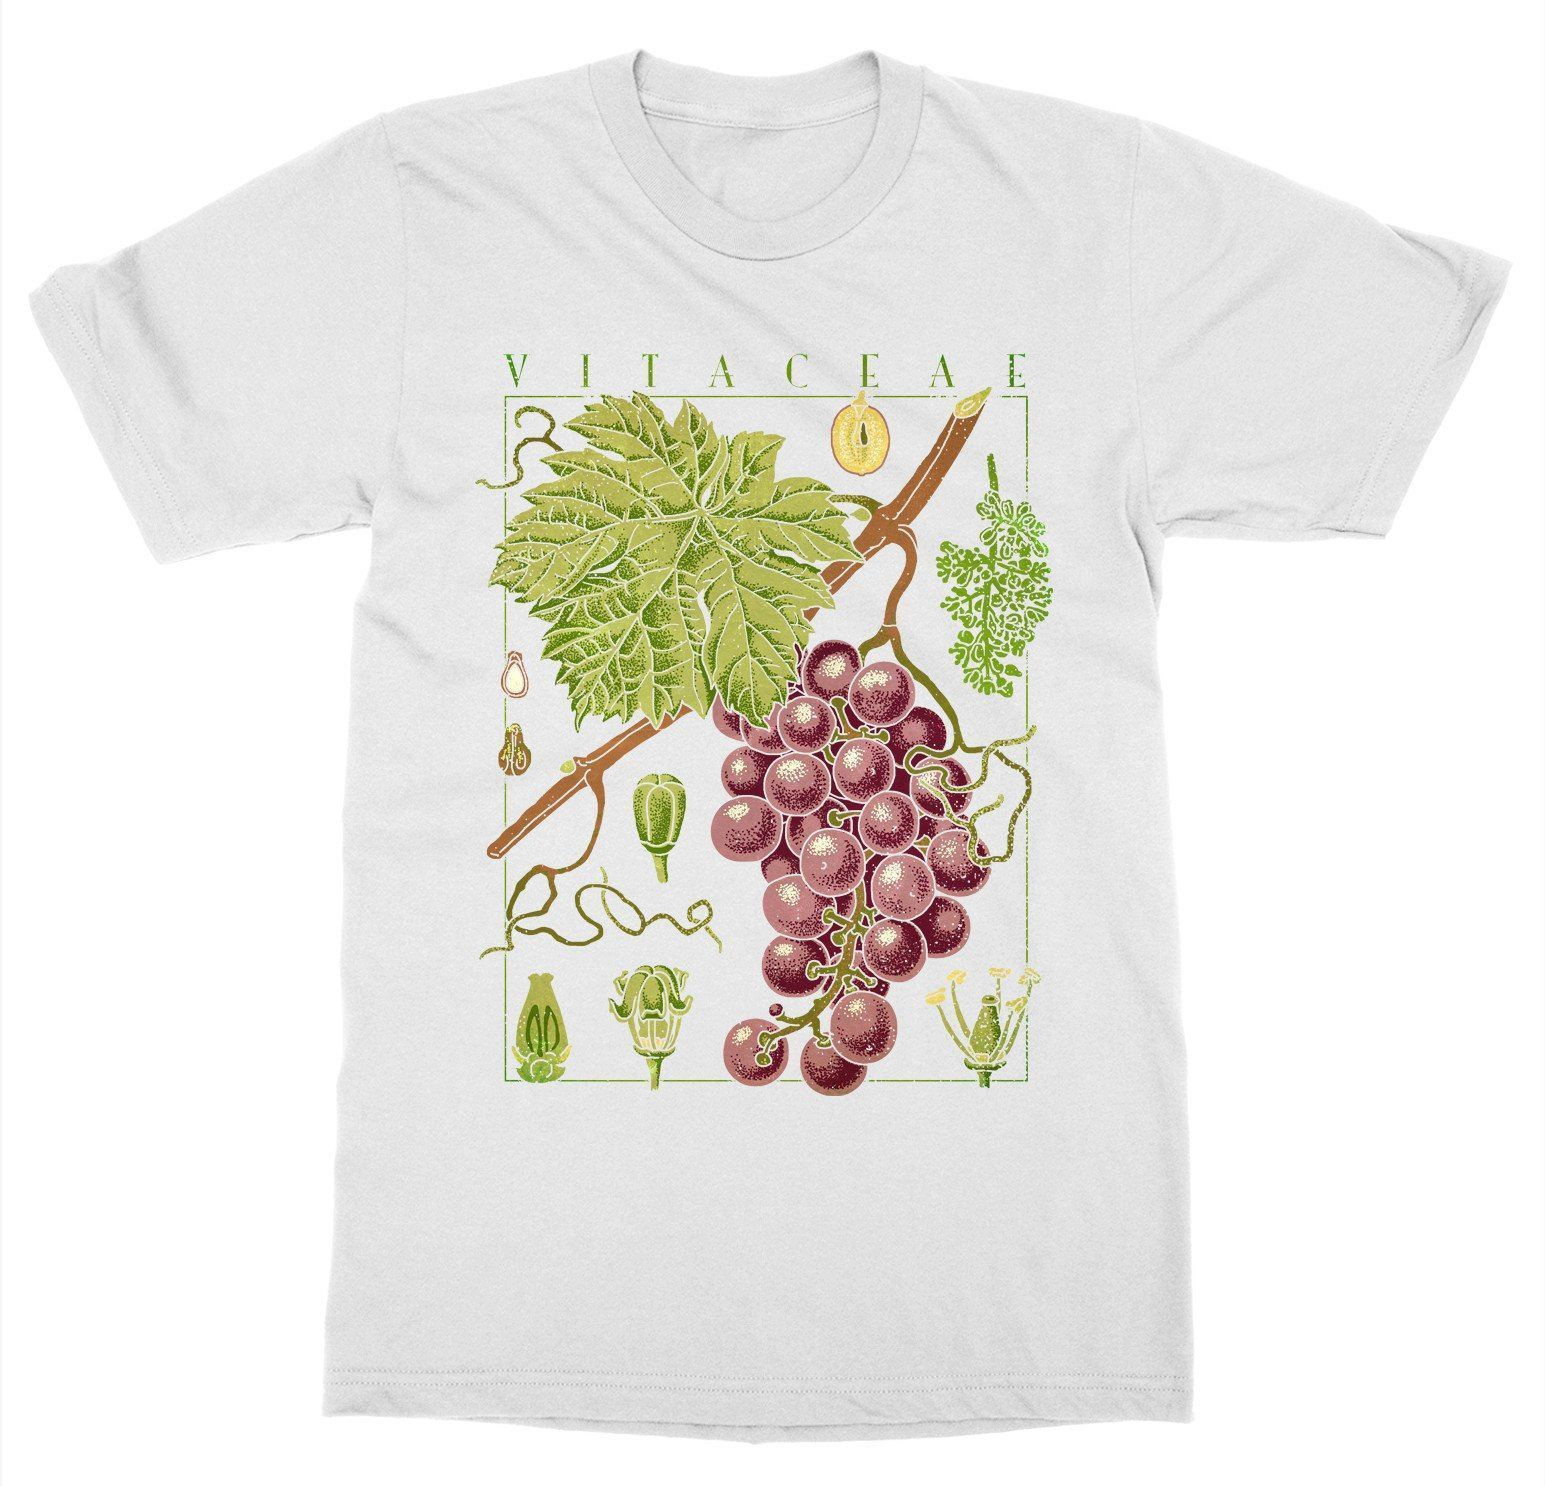 Short Sleeve For Men Clothing Summer Wine T Shirt Grape Vine